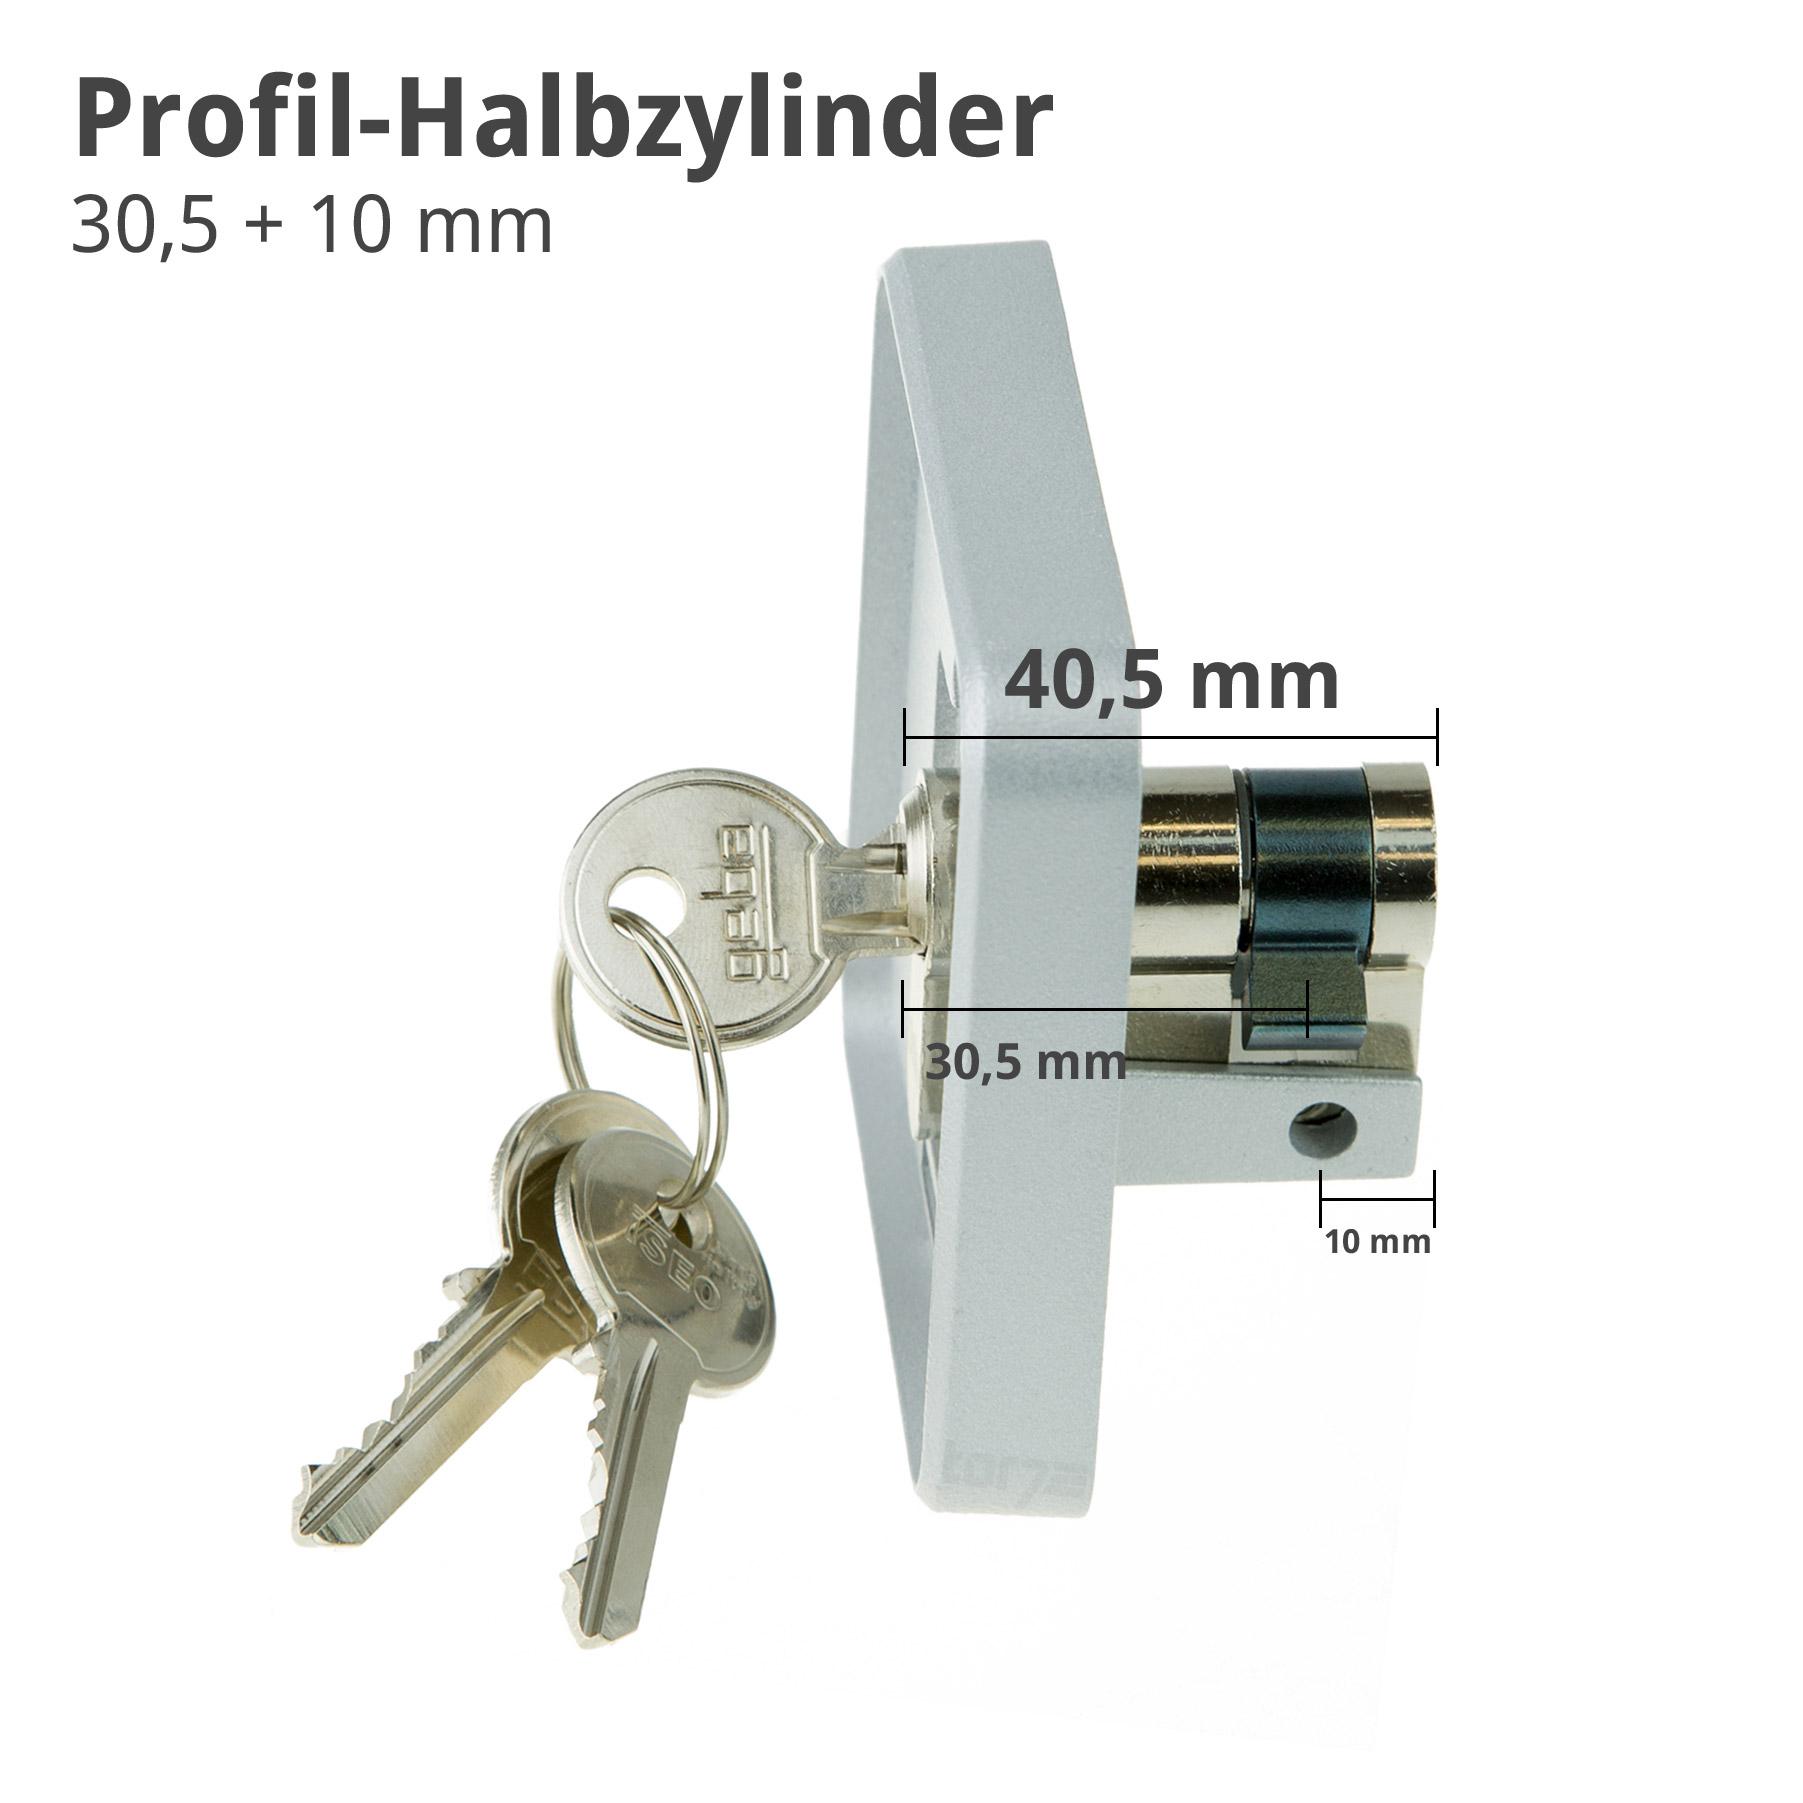 Bekannt Hörmann Schlüsseltaster STUP 50 - 3 Schlüssel, 2 Funktionen CD79